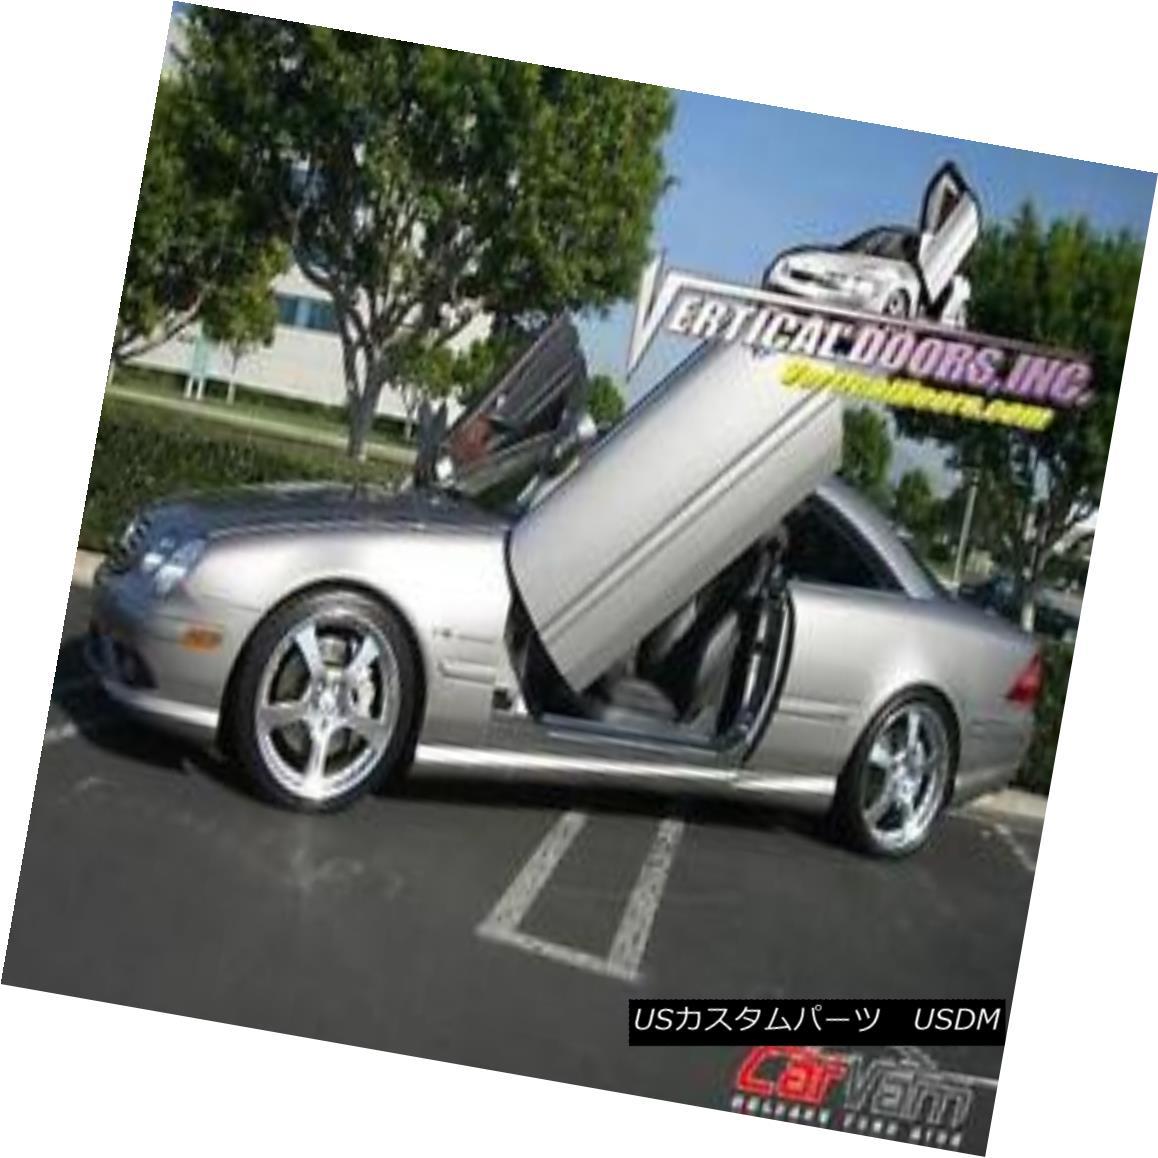 ガルウィングキット Vertical Doors - Vertical Lambo Door Kit For Mercedes CL 2000-06 -VDCMERCL0006 垂直ドア - メルセデスCL 2000-06 -VDCMERCL0006用の垂直型ランボルギーニドアキット